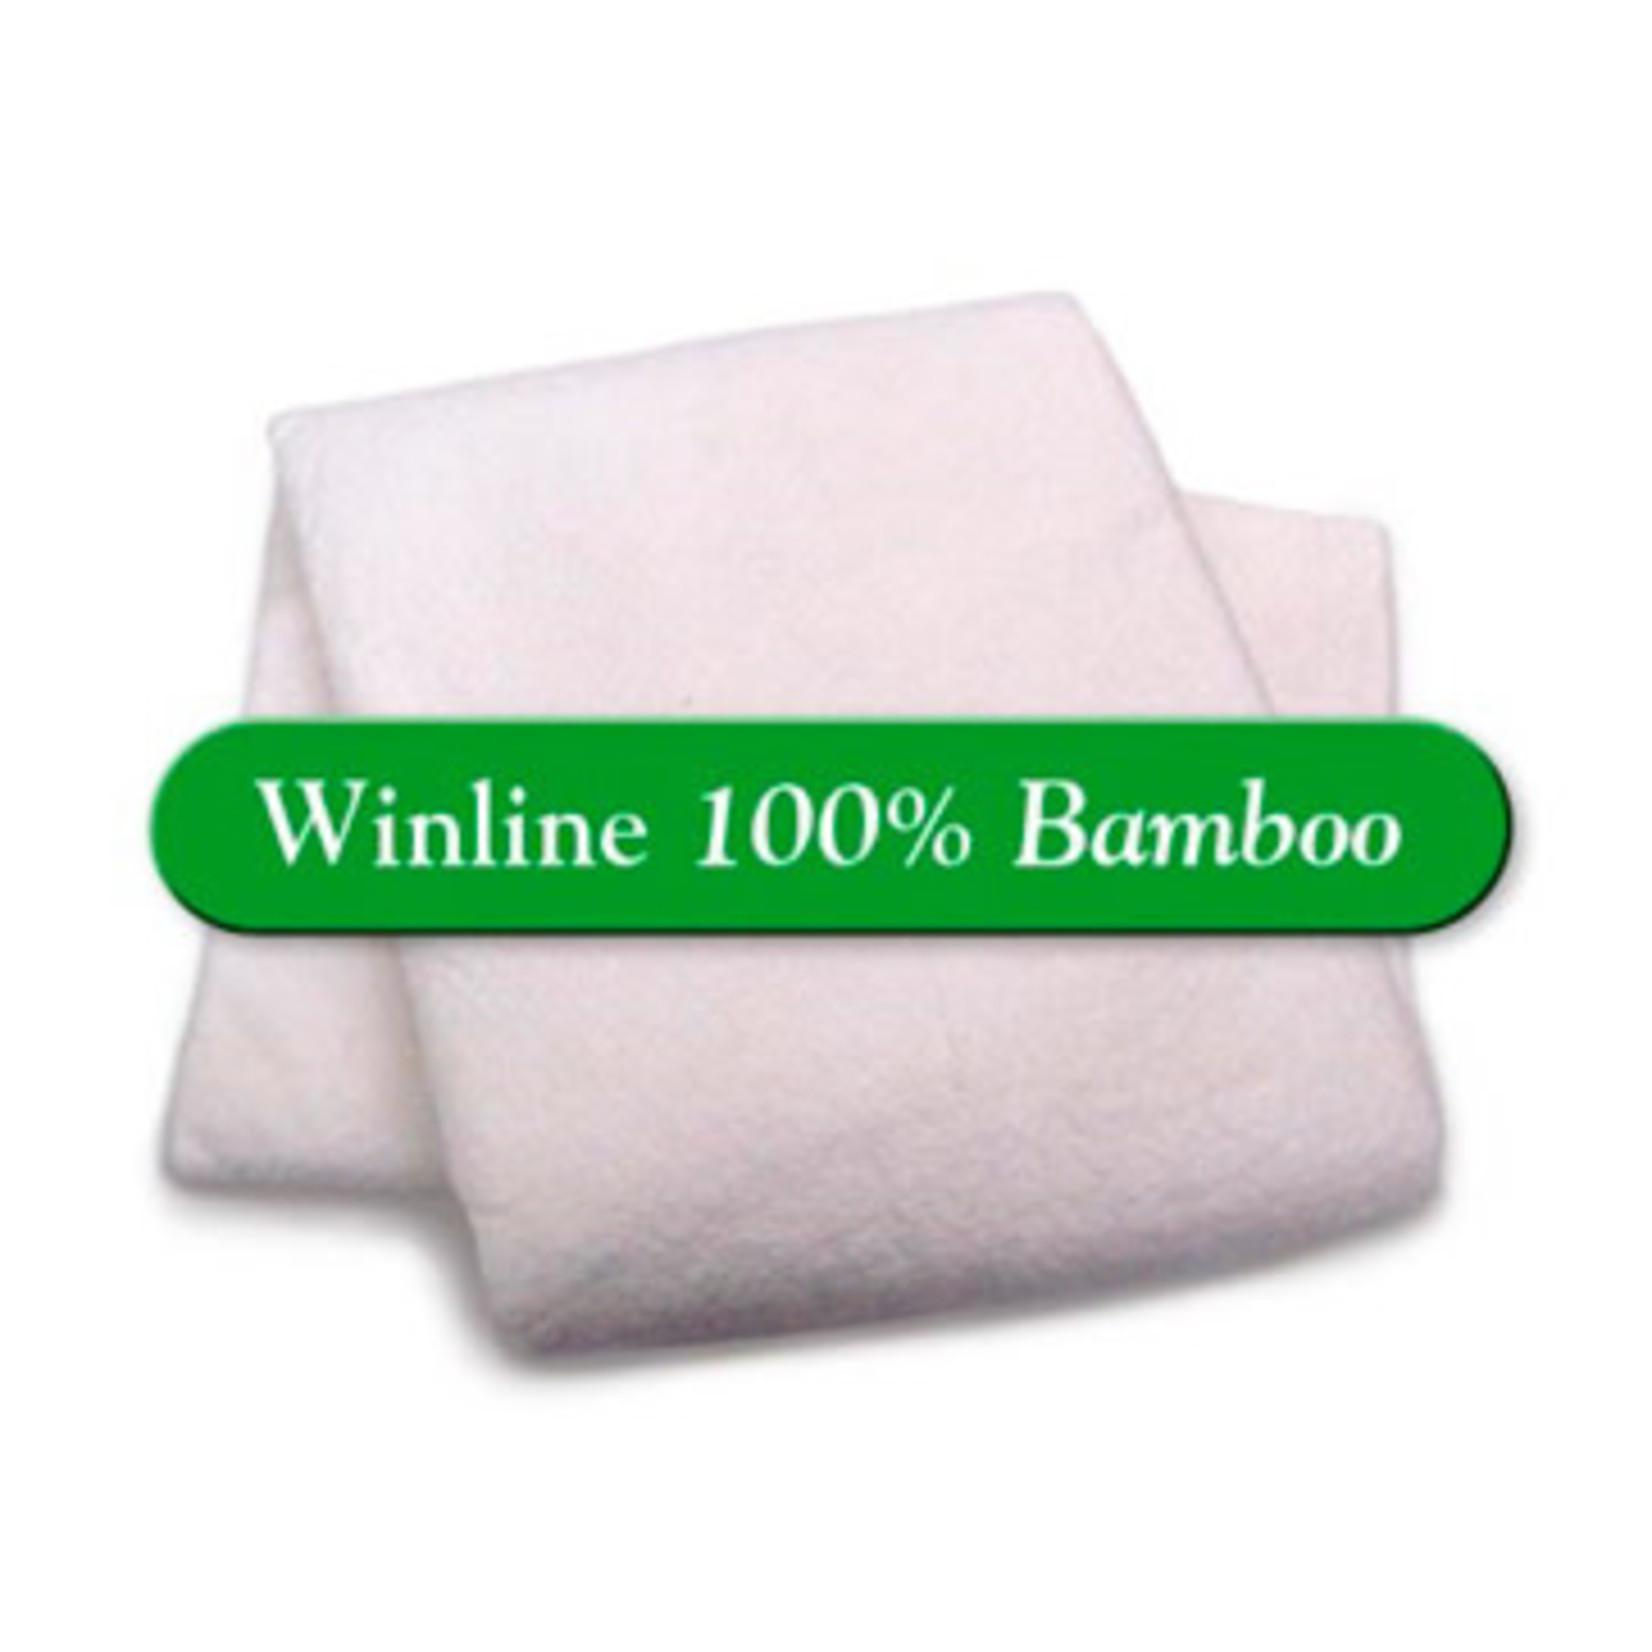 Winline Bamboe - 6 oz 100% Bamboo - Van de rol (per 10 cm) 300 cm breed